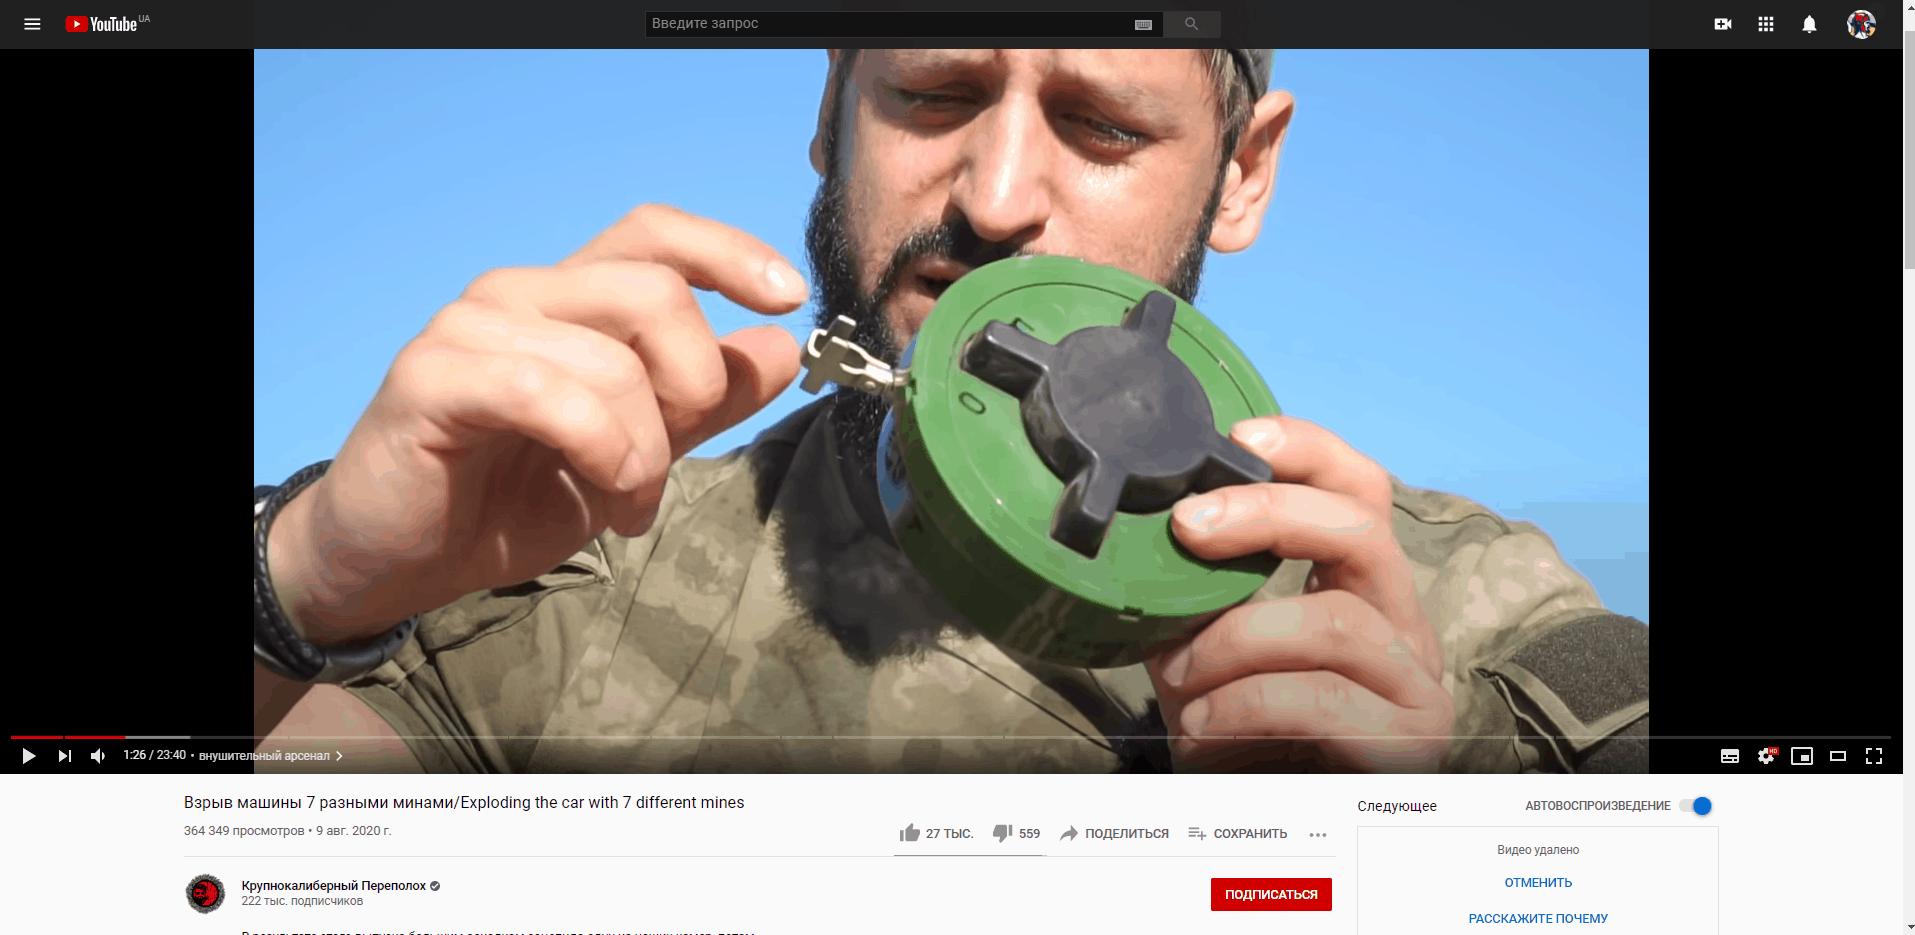 Росіянин Смирнов Олексій з забороненою міною ПМН-2